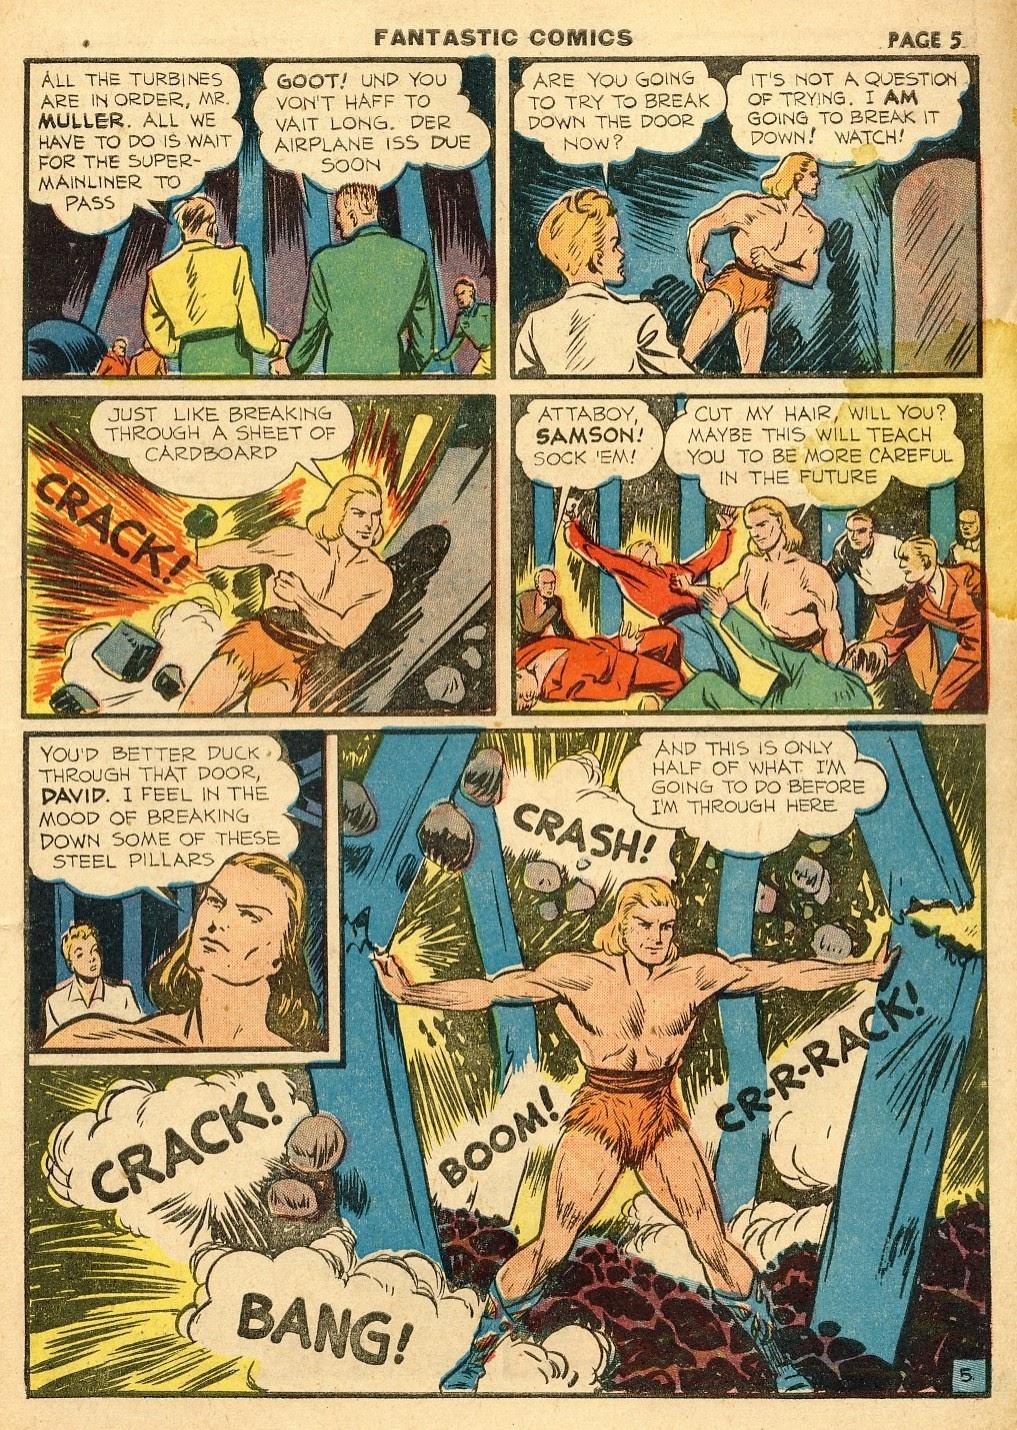 Read online Fantastic Comics comic -  Issue #10 - 6